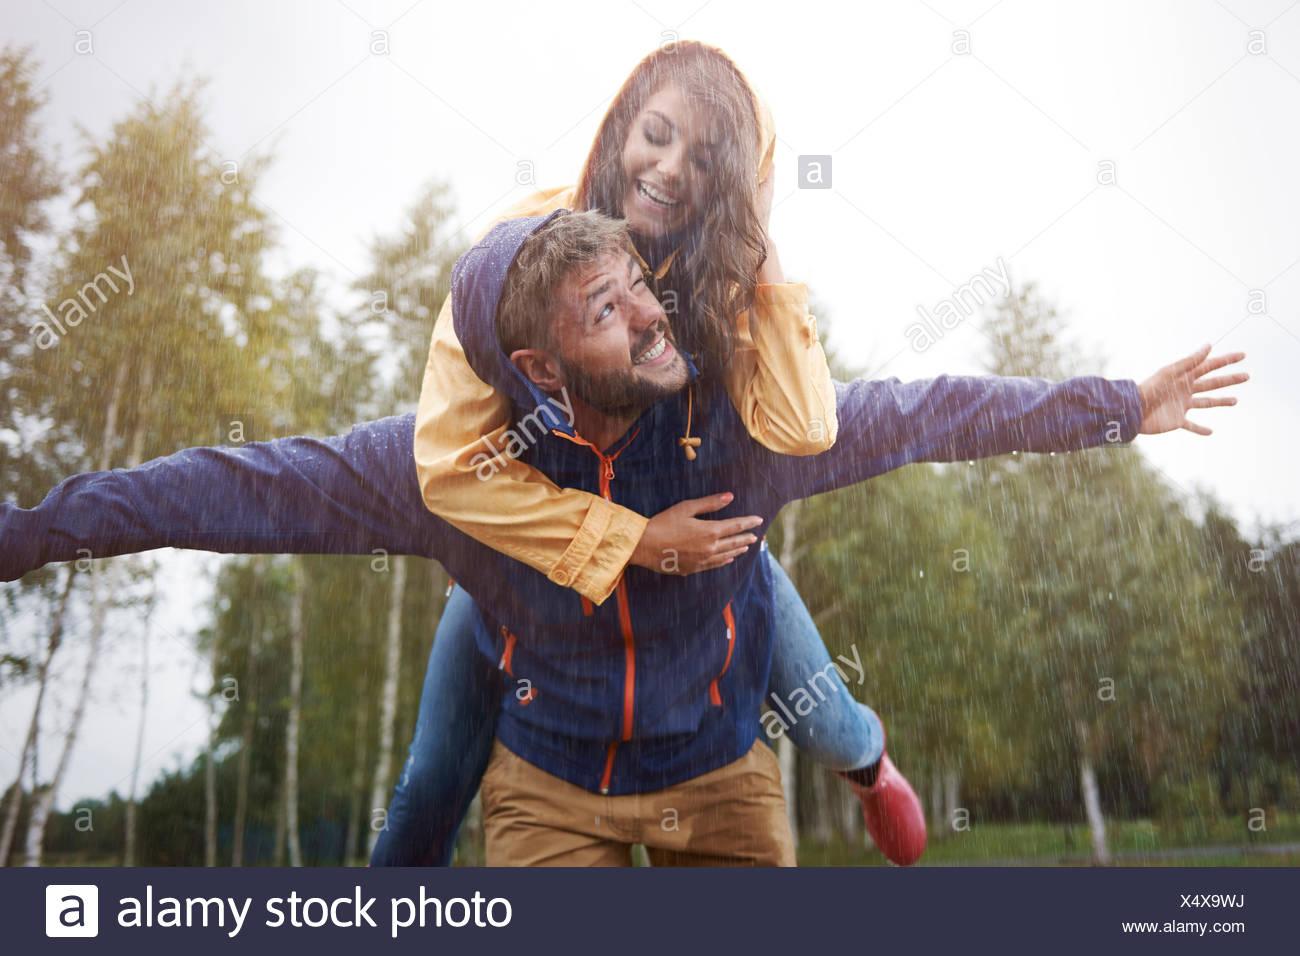 Spielen im Regen wie ein Kind. Debica, Polen Stockbild